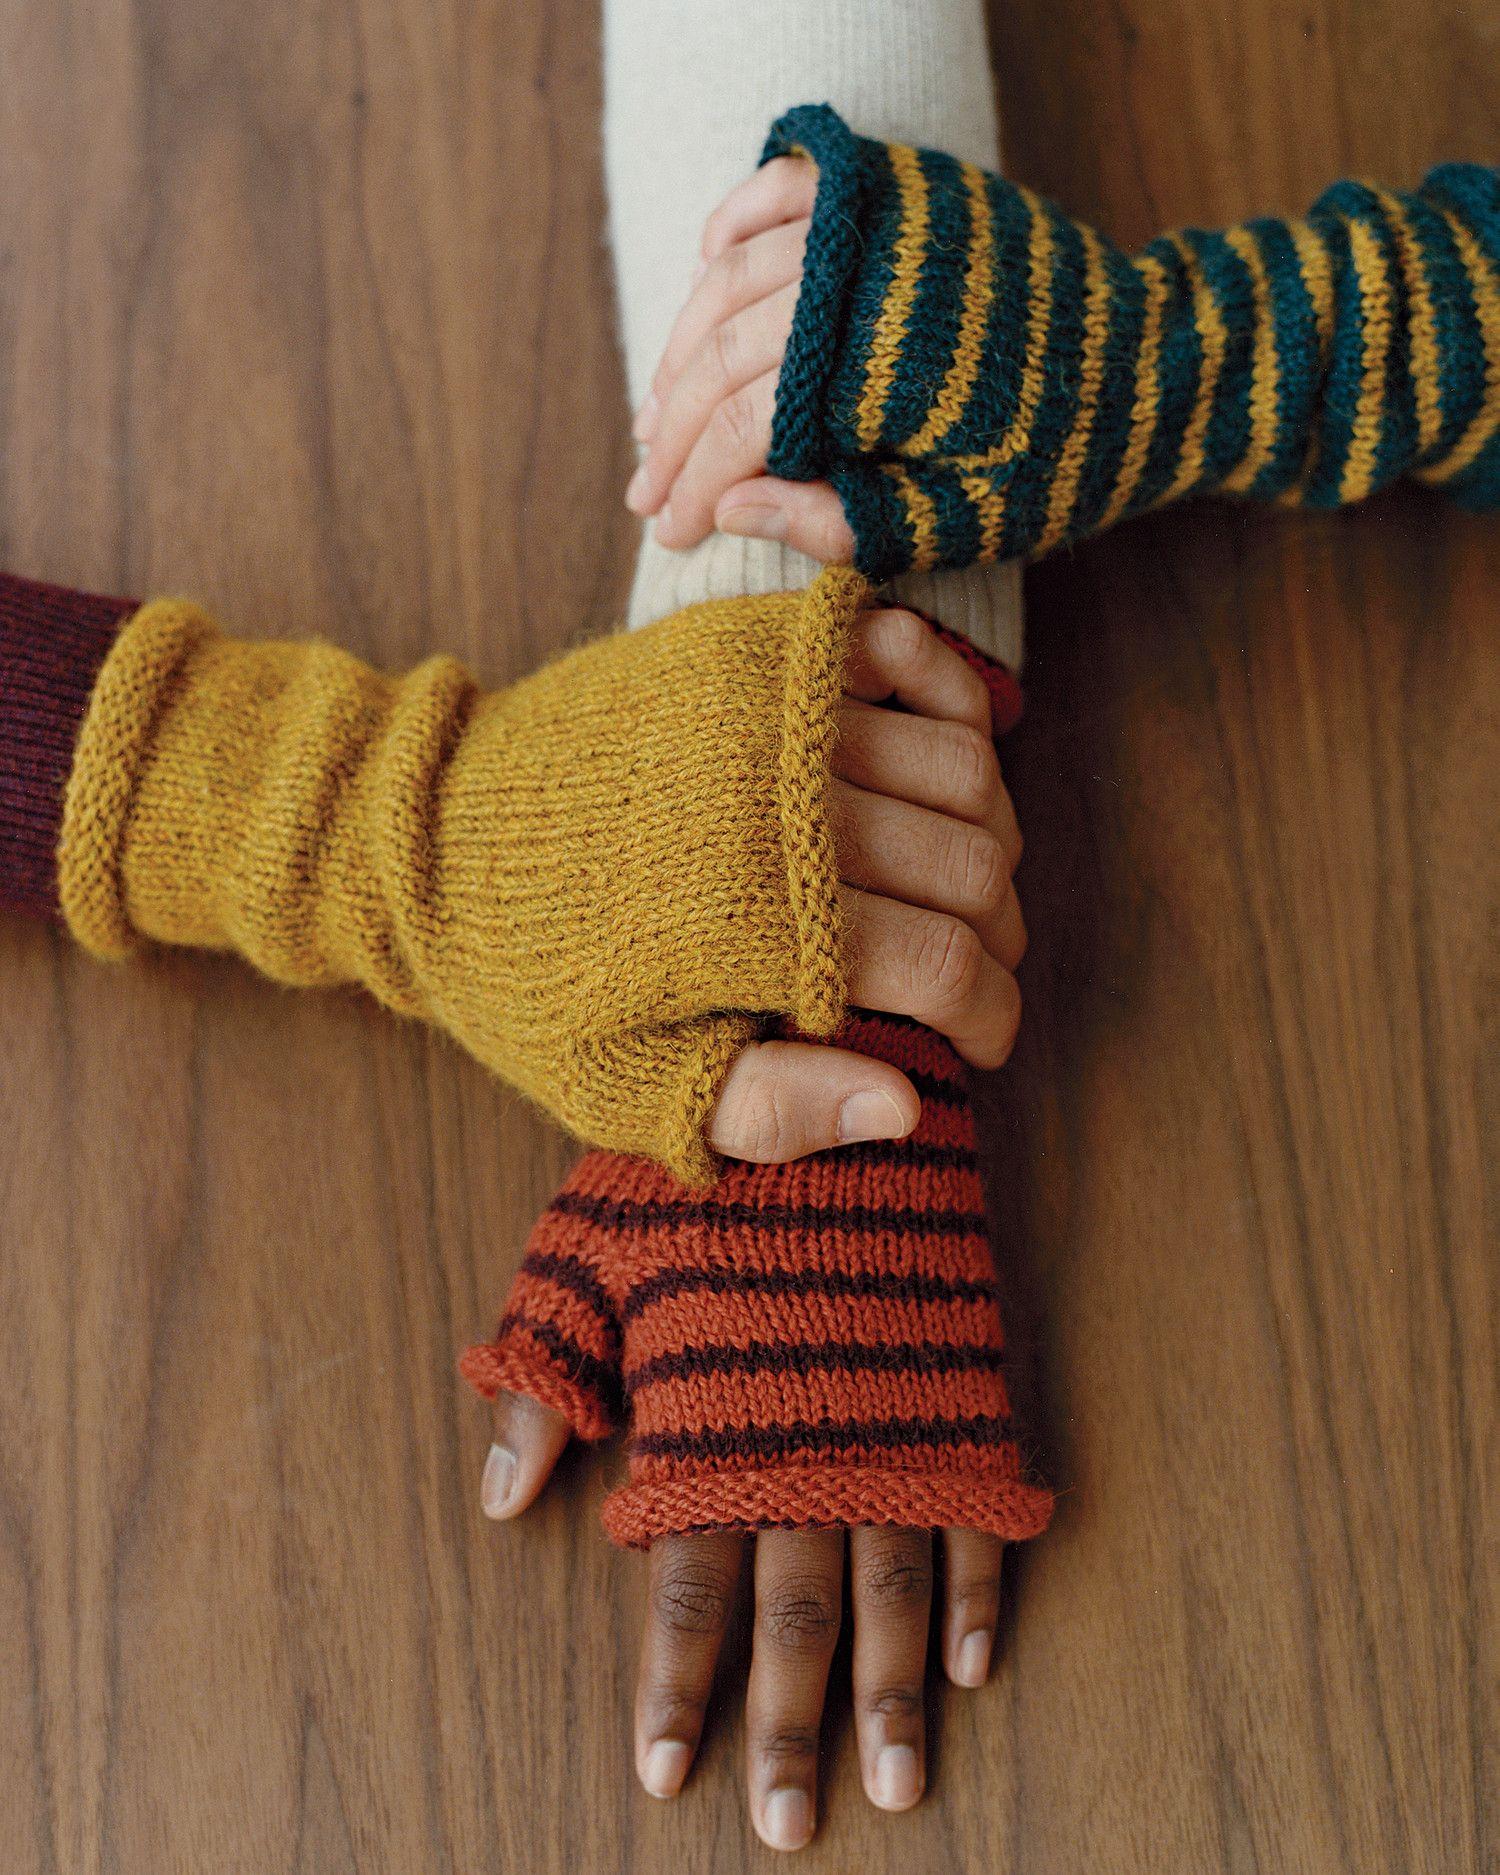 10 Easy Knitting Patterns to Hone Your Skills | Fingerless ...